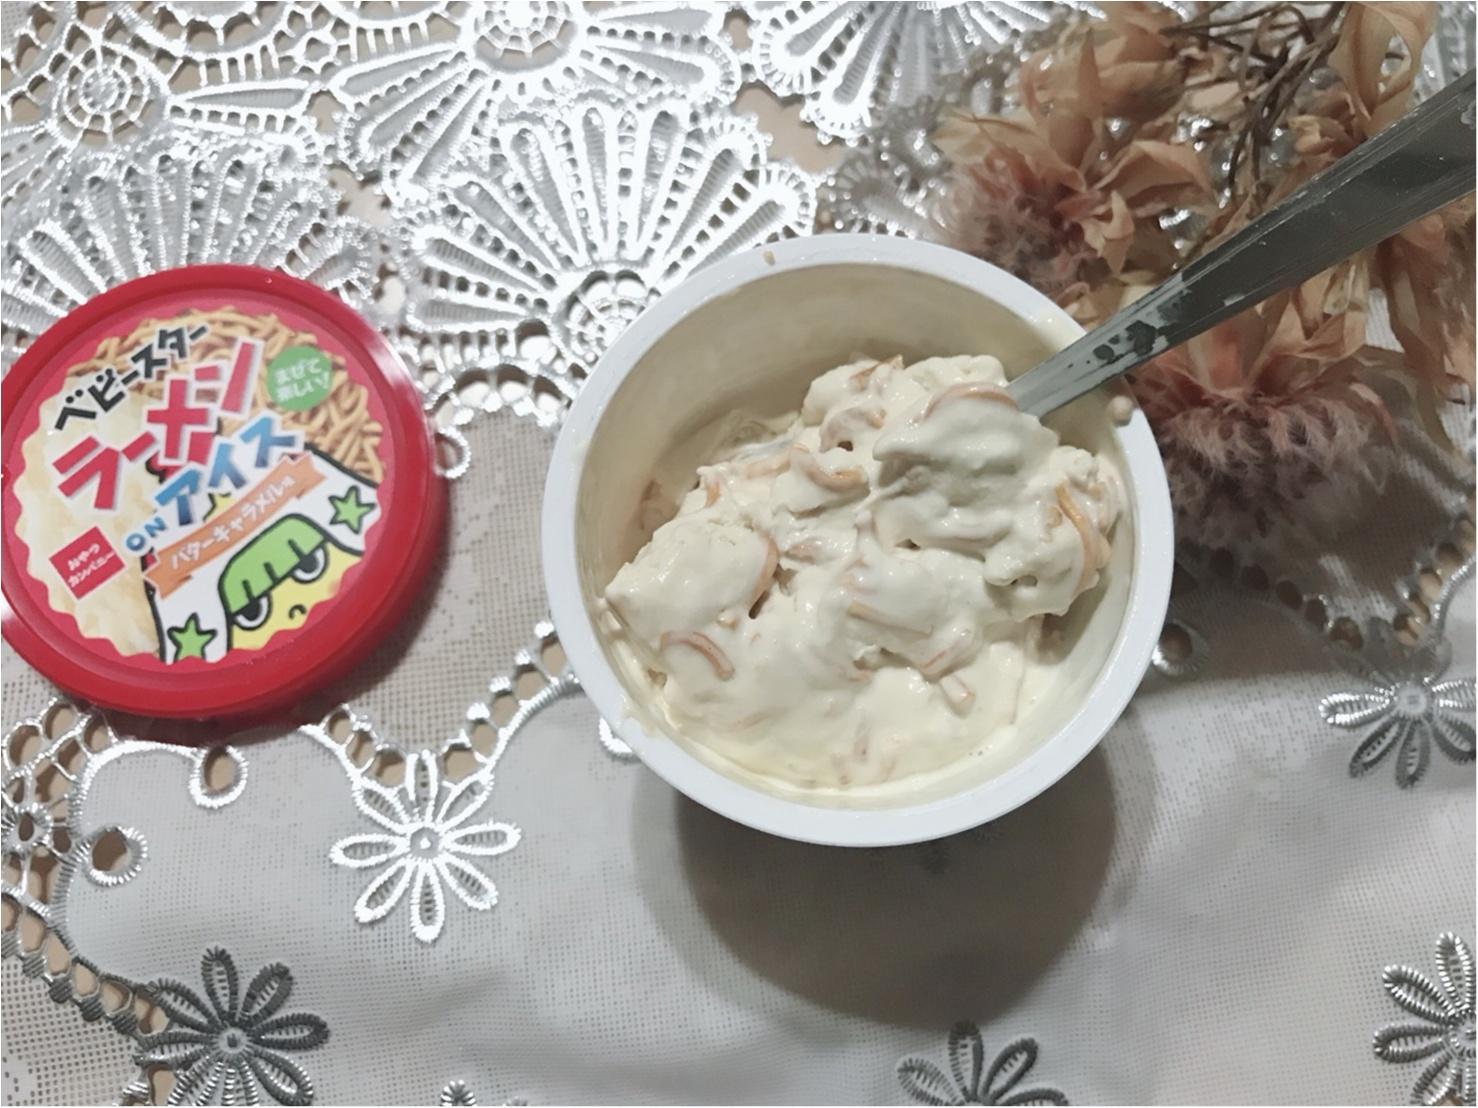 「私は何を食べているんだ?」話題の衝撃作 #ベビースターラーメンonアイス 実食レビュー!あり?なし?_5